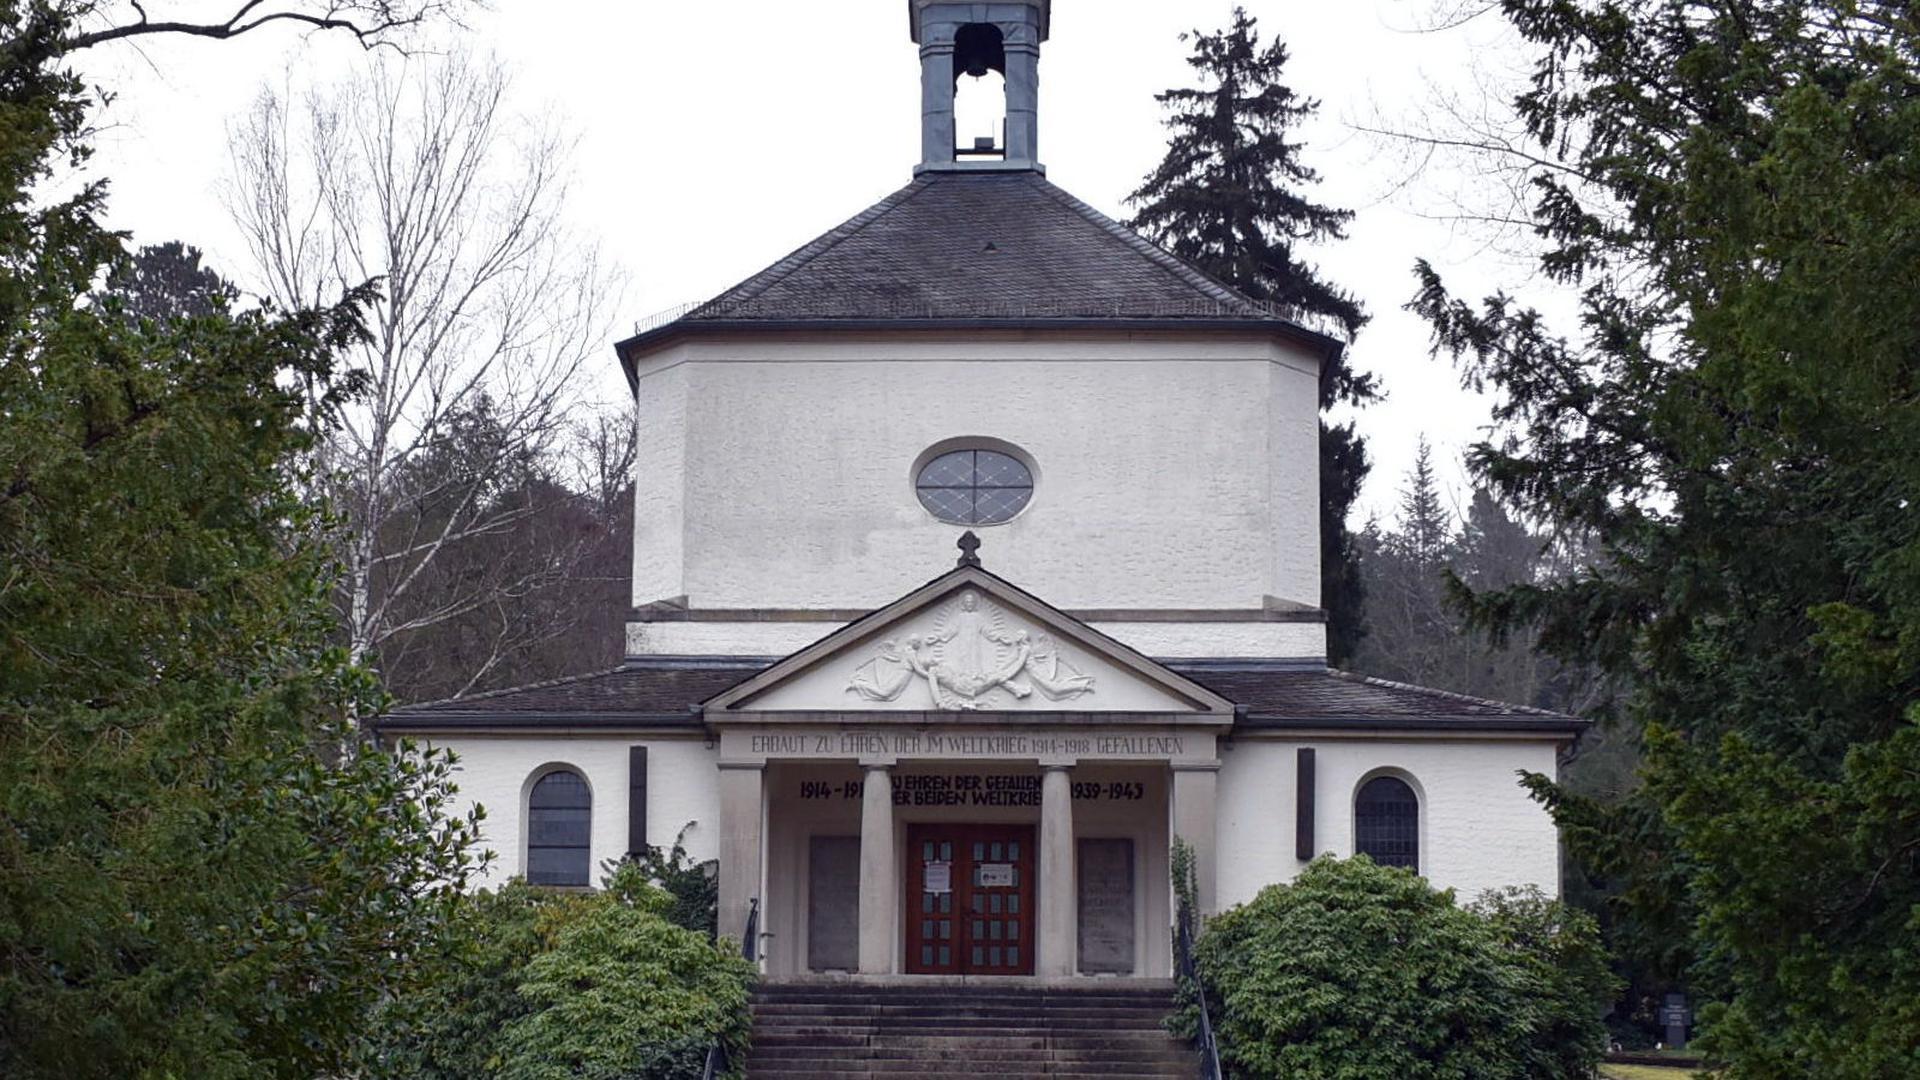 Friedhofskapelle mit vielen Stufen